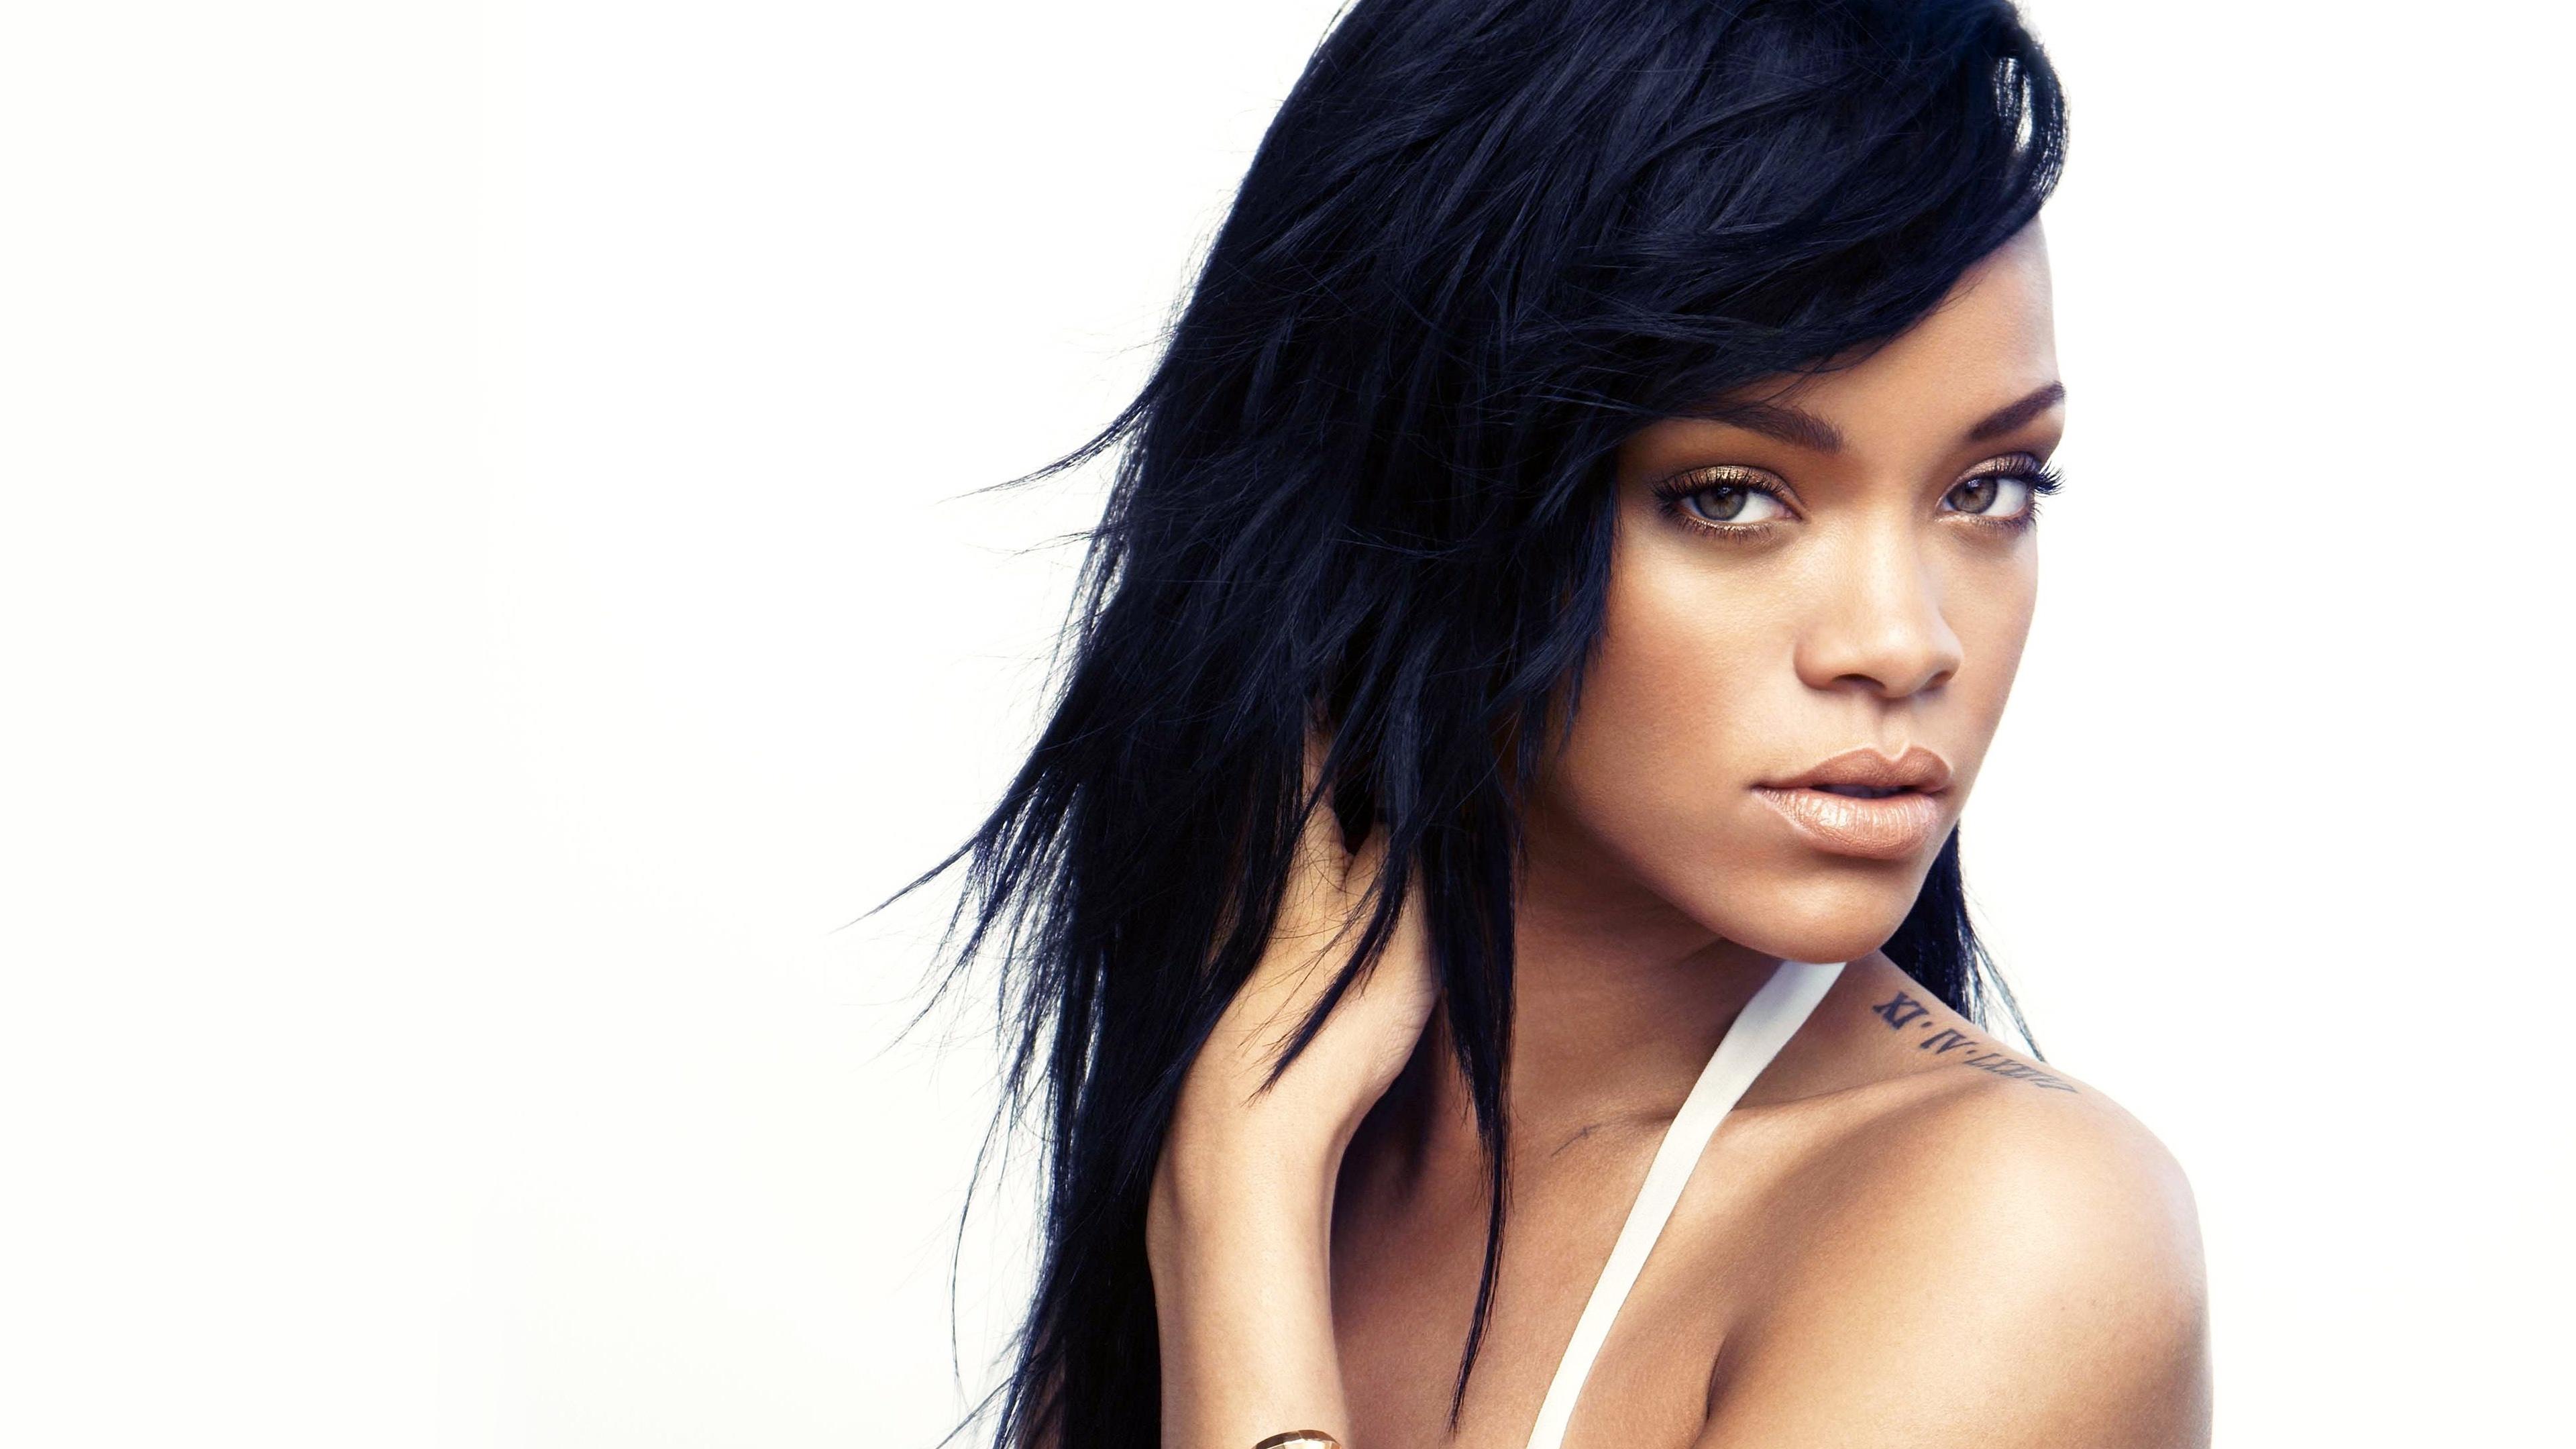 Rihanna 2015 Wallpaper Ultra HD 4k   HD Wallpapers Ultra HD 3840x2160